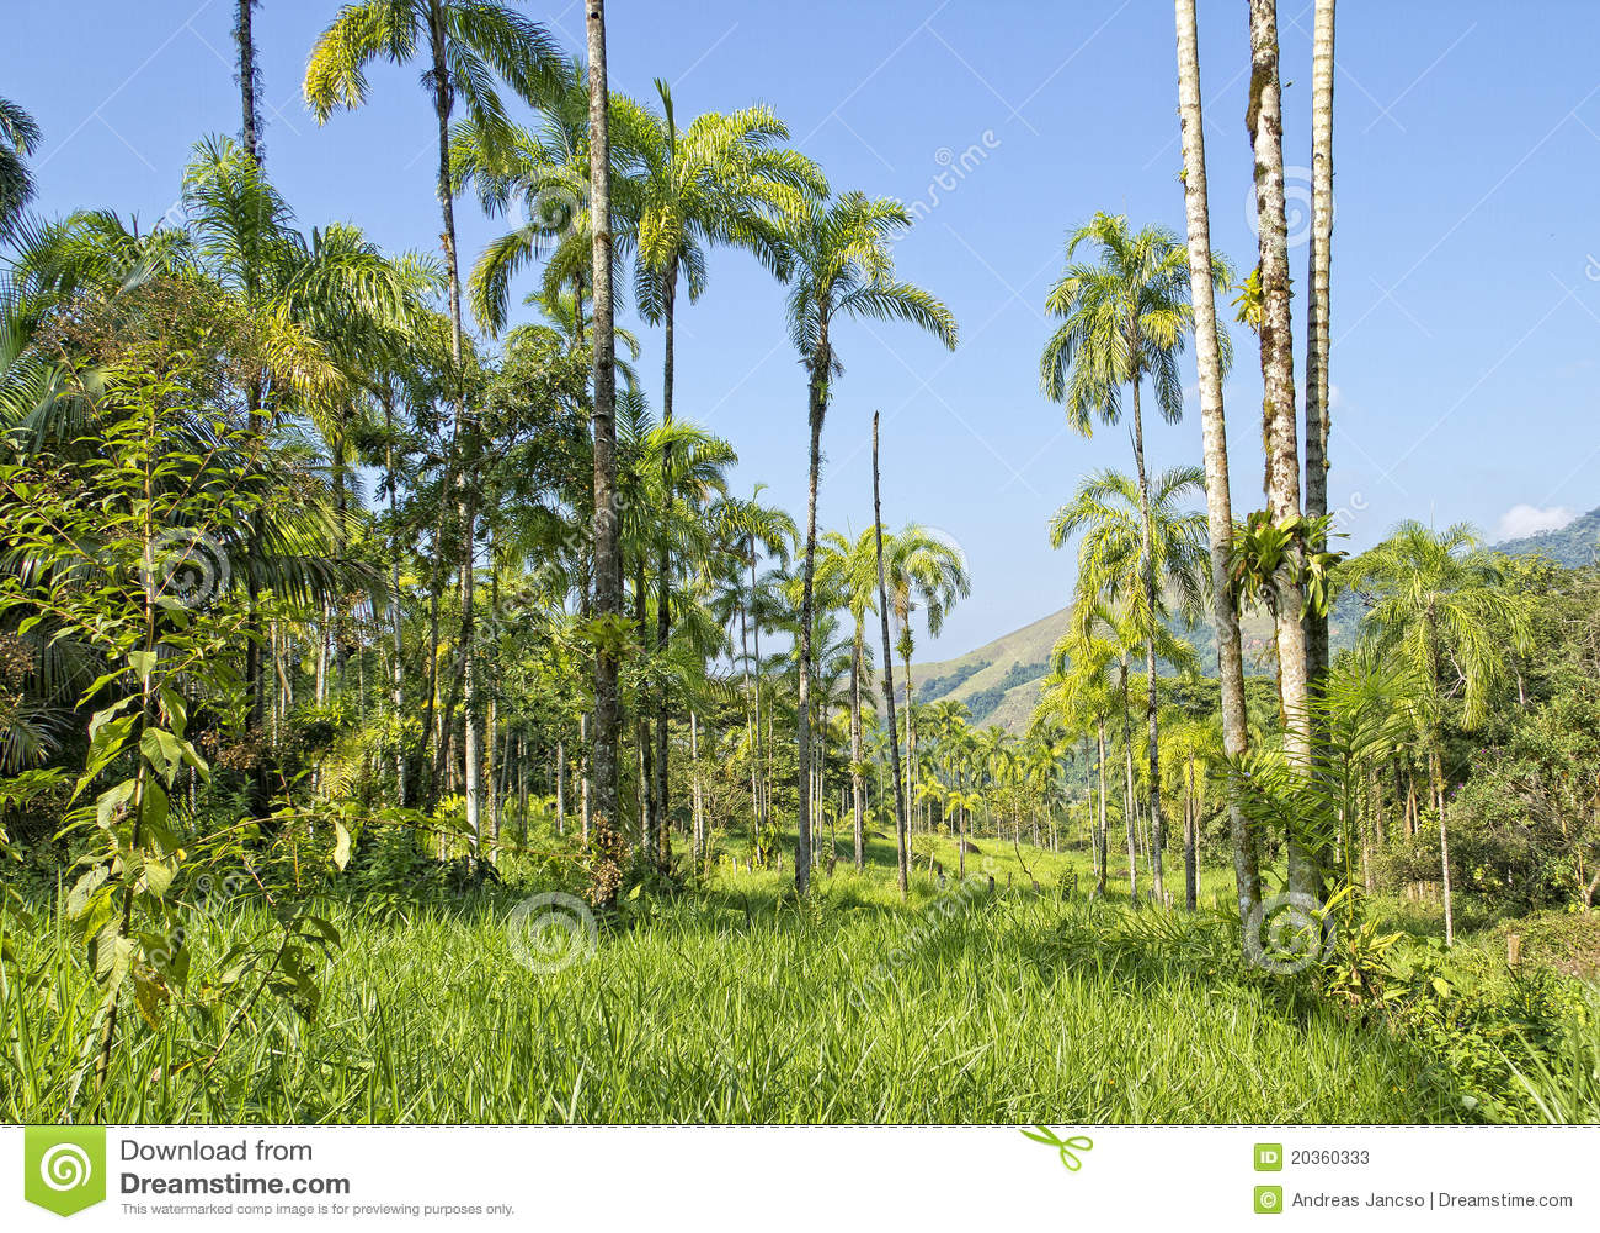 Tropikalny las deszczowy tropikalny